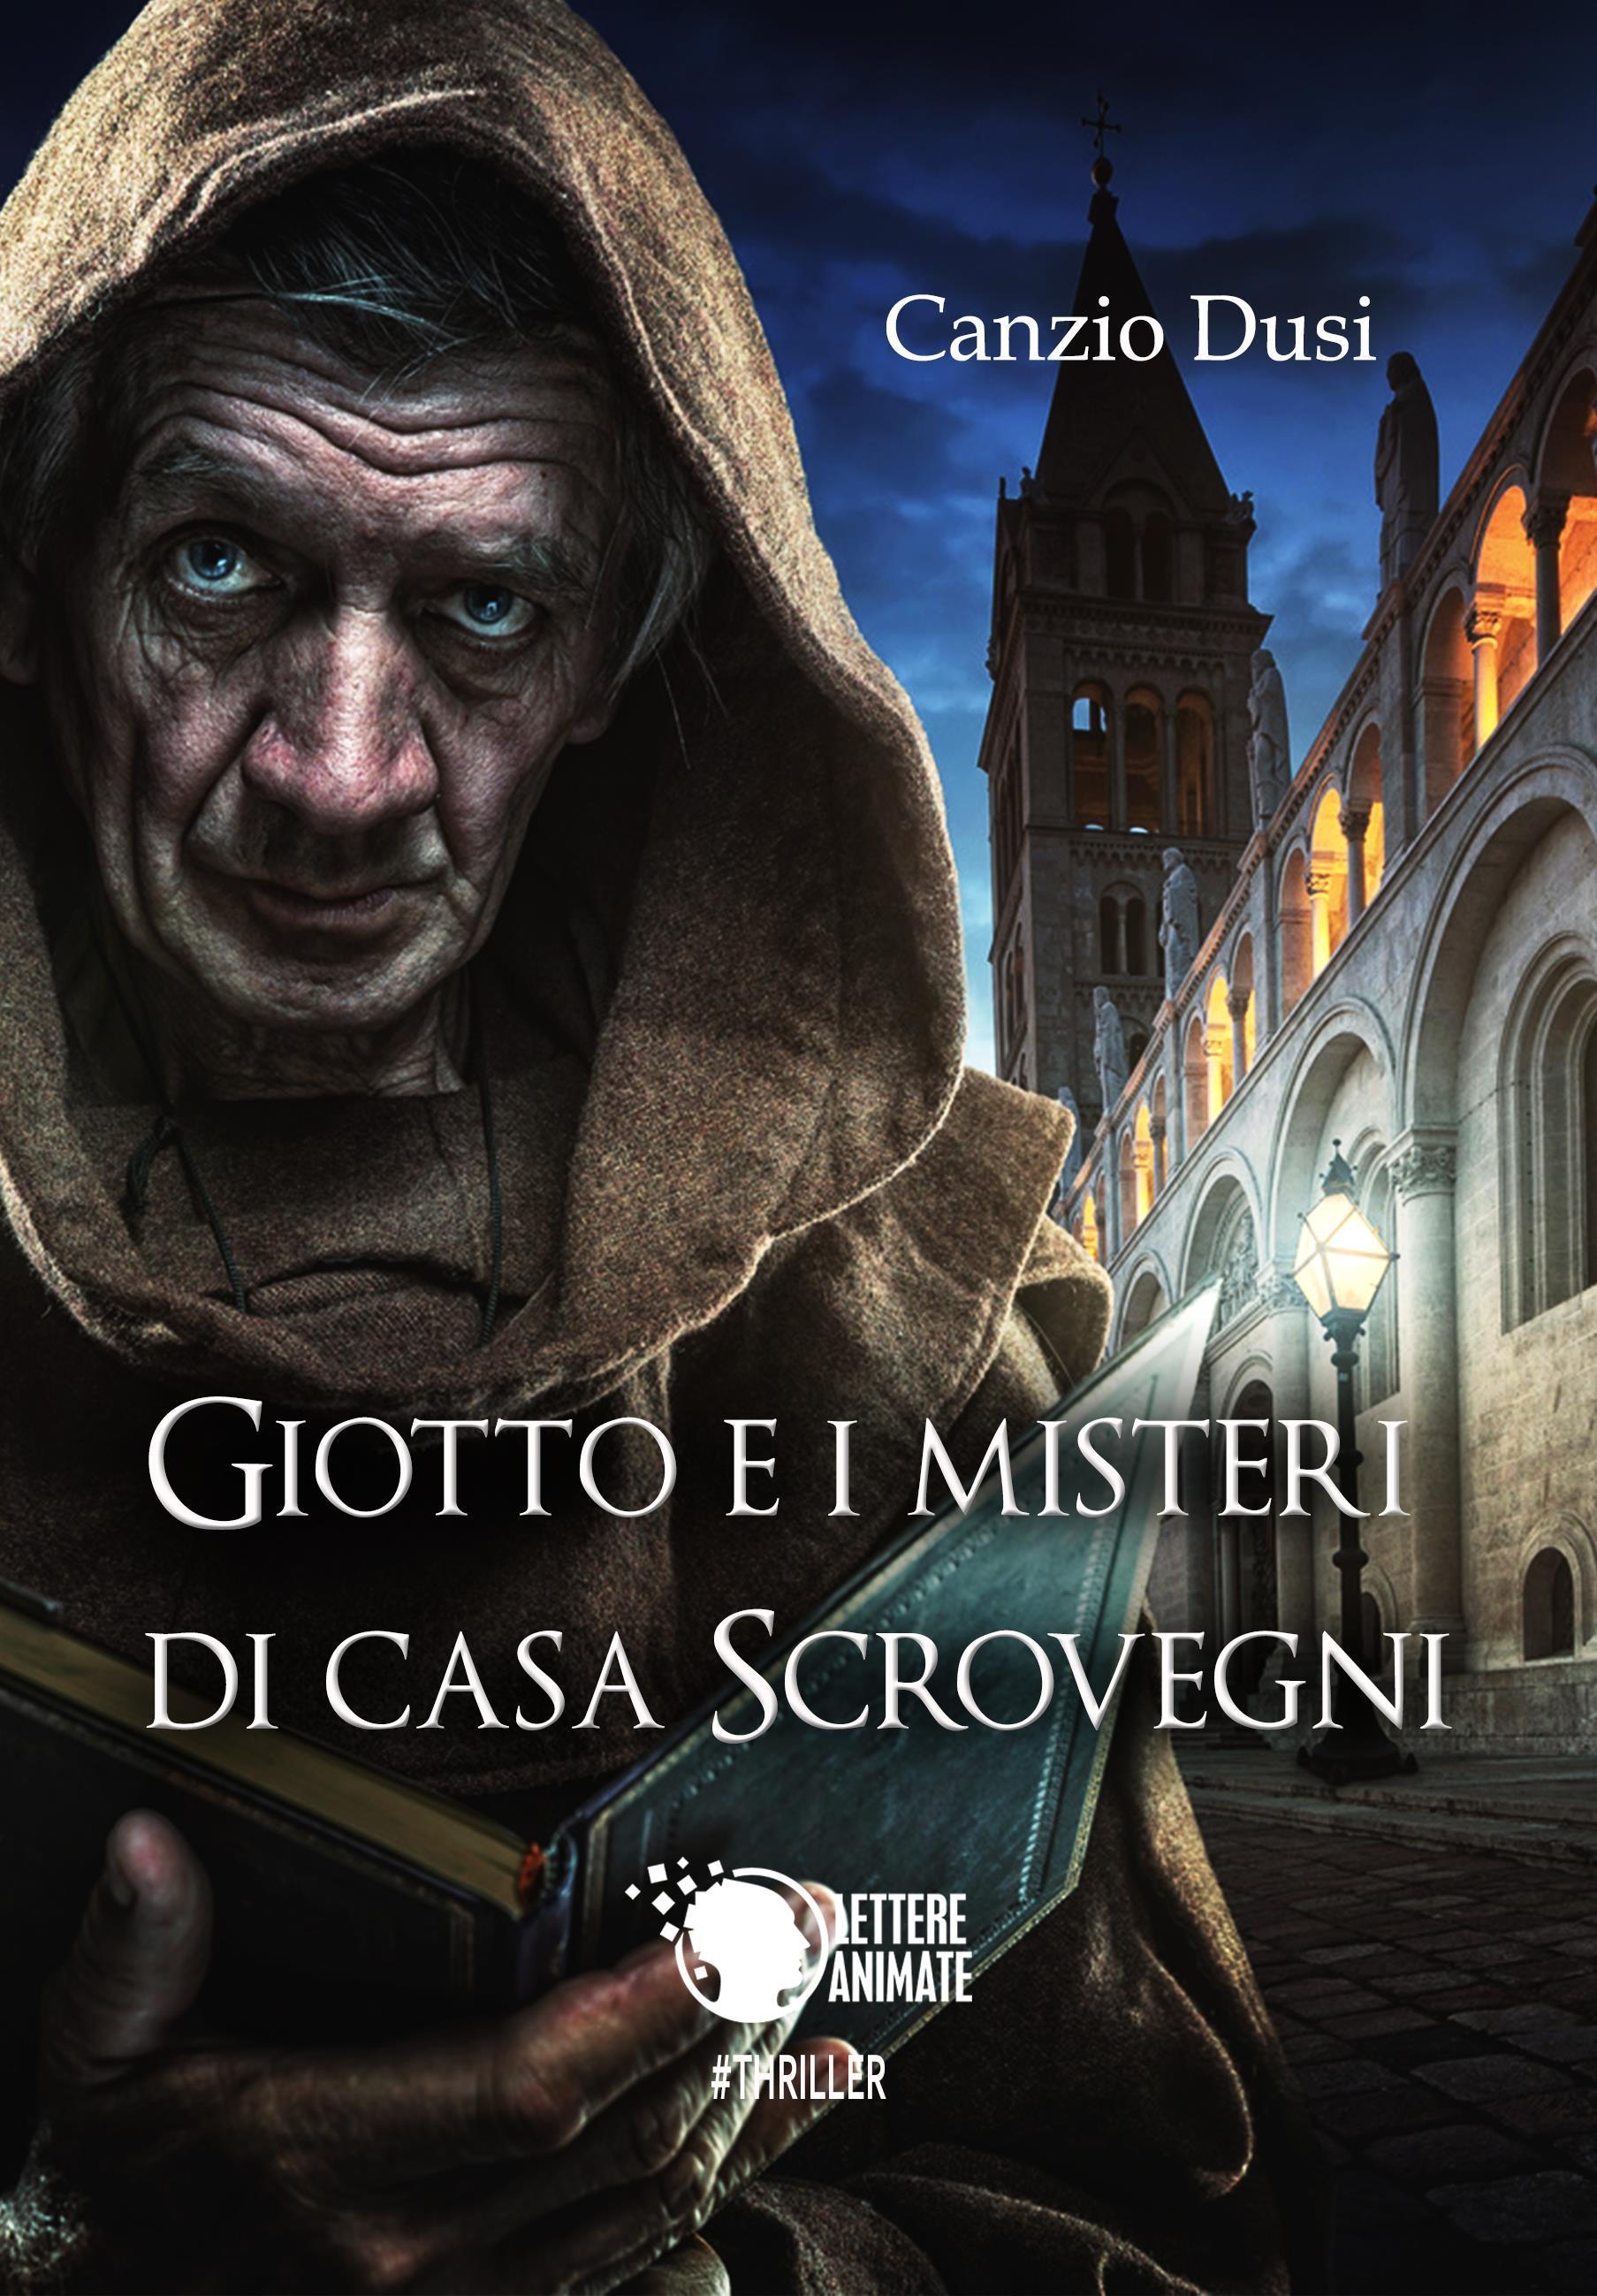 Giotto e i misteri di Casa Scrovegni